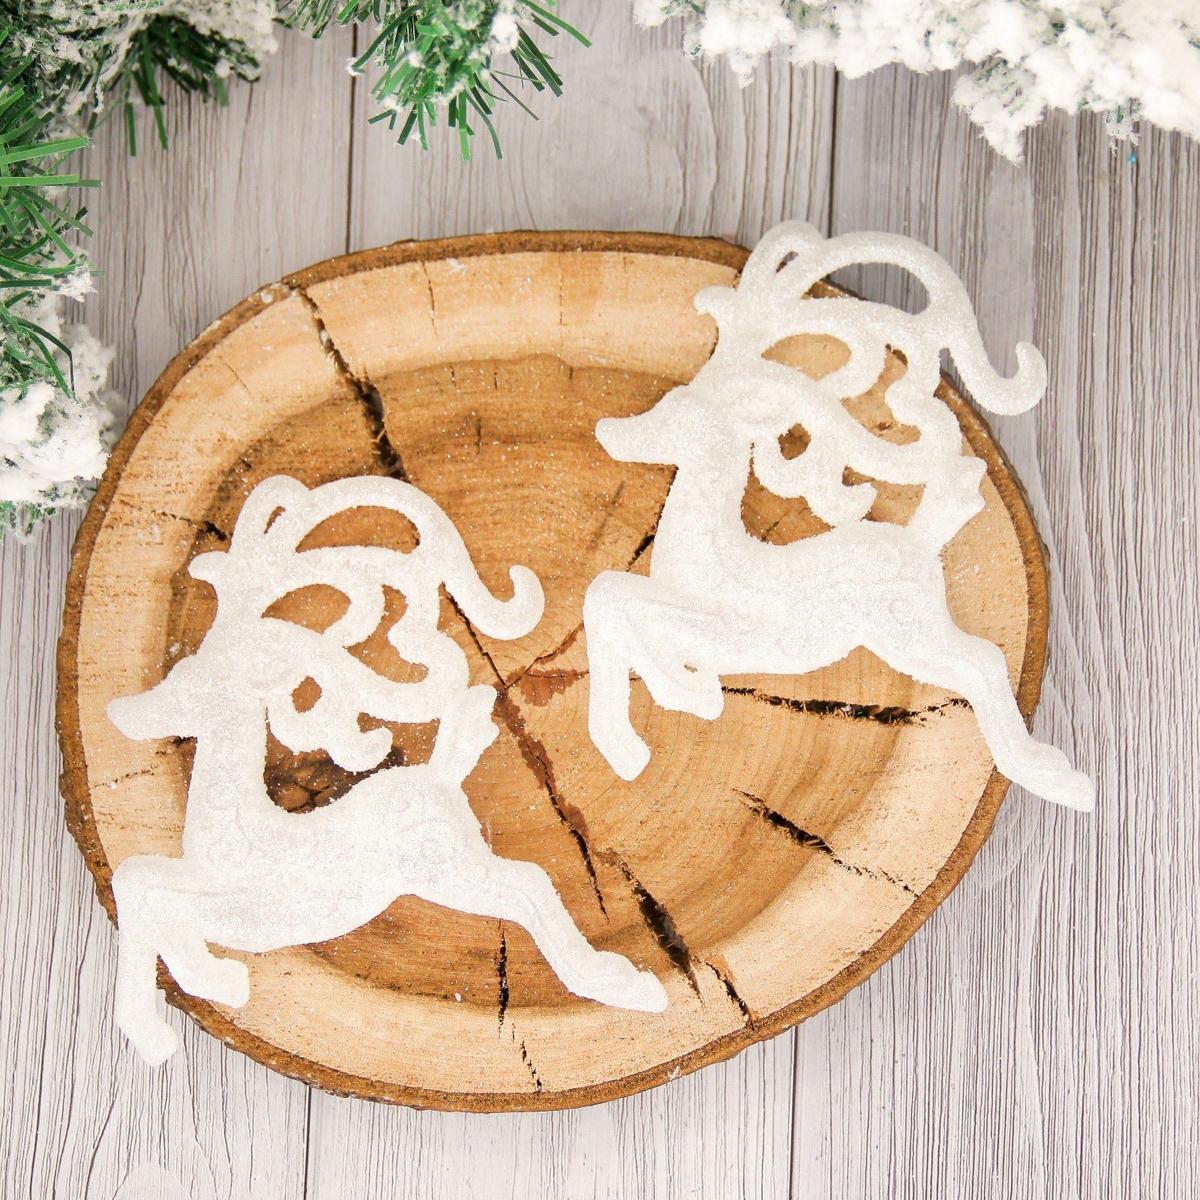 Набор новогодних подвесных украшений Снежные олени, длина 11 см, 2 шт2155348Набор новогодних подвесных украшений отлично подойдет для декорации вашего дома и новогодней ели. С помощью специальной петельки украшение можно повесить в любом понравившемся вам месте. Но, конечно, удачнее всего оно будет смотреться на праздничной елке.Елочная игрушка - символ Нового года. Она несет в себе волшебство и красоту праздника. Такое украшение создаст в вашем доме атмосферу праздника, веселья и радости.